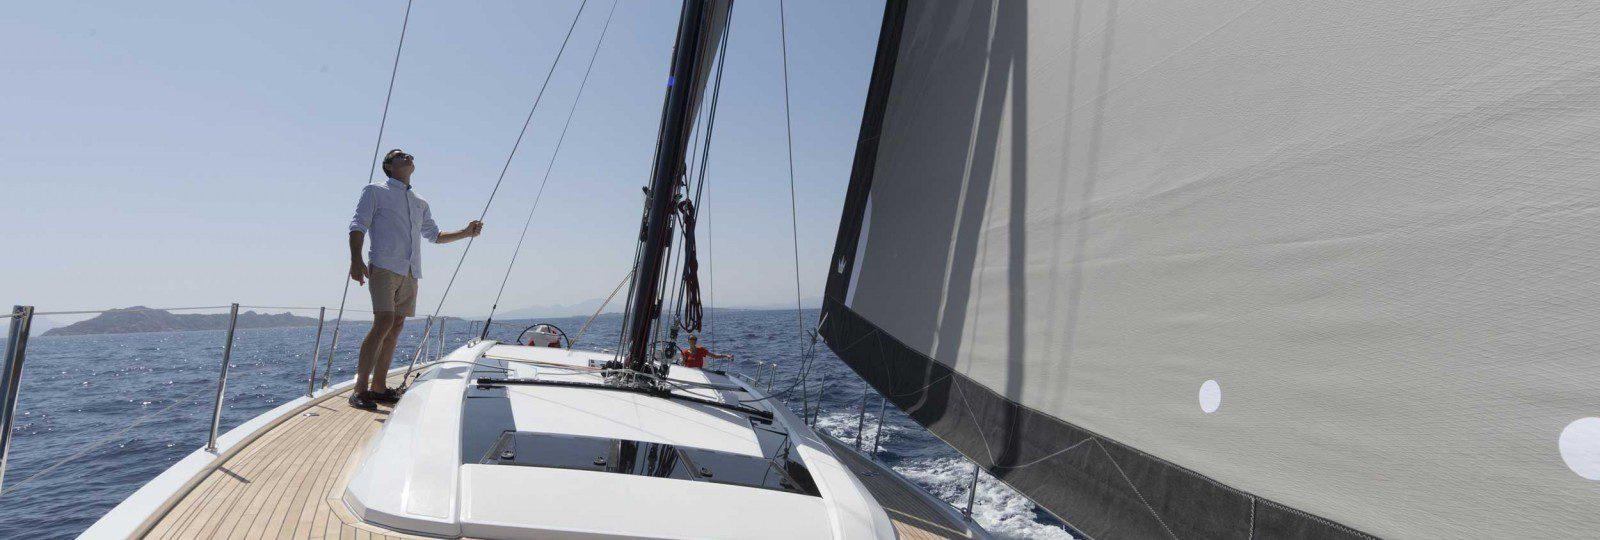 Beneteau Oceanis 51.1 sailing